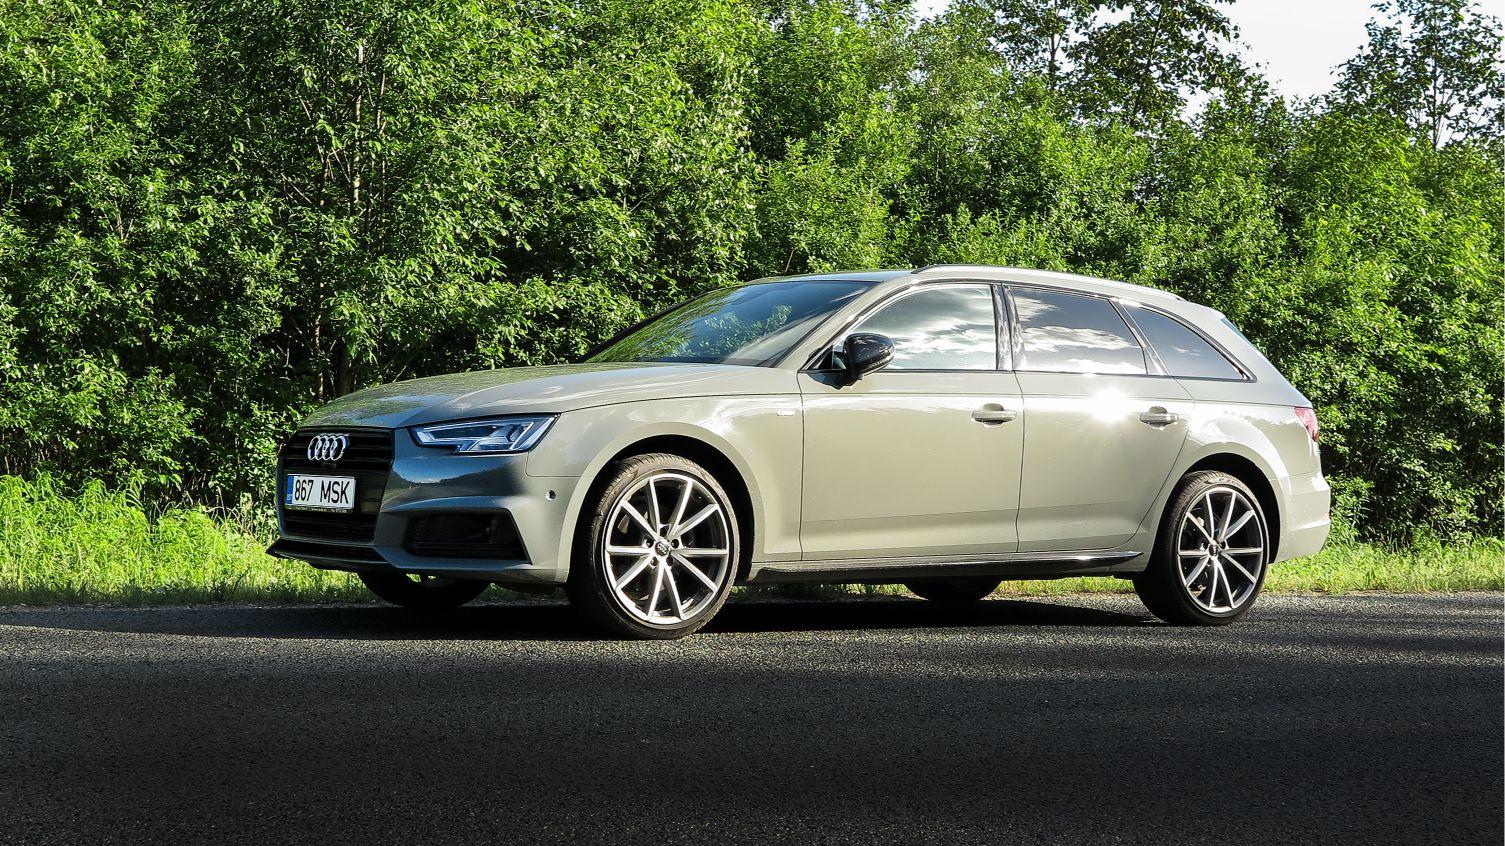 Audi A4 g-tron: kuidas Audi ja gaas kokku sobivad?